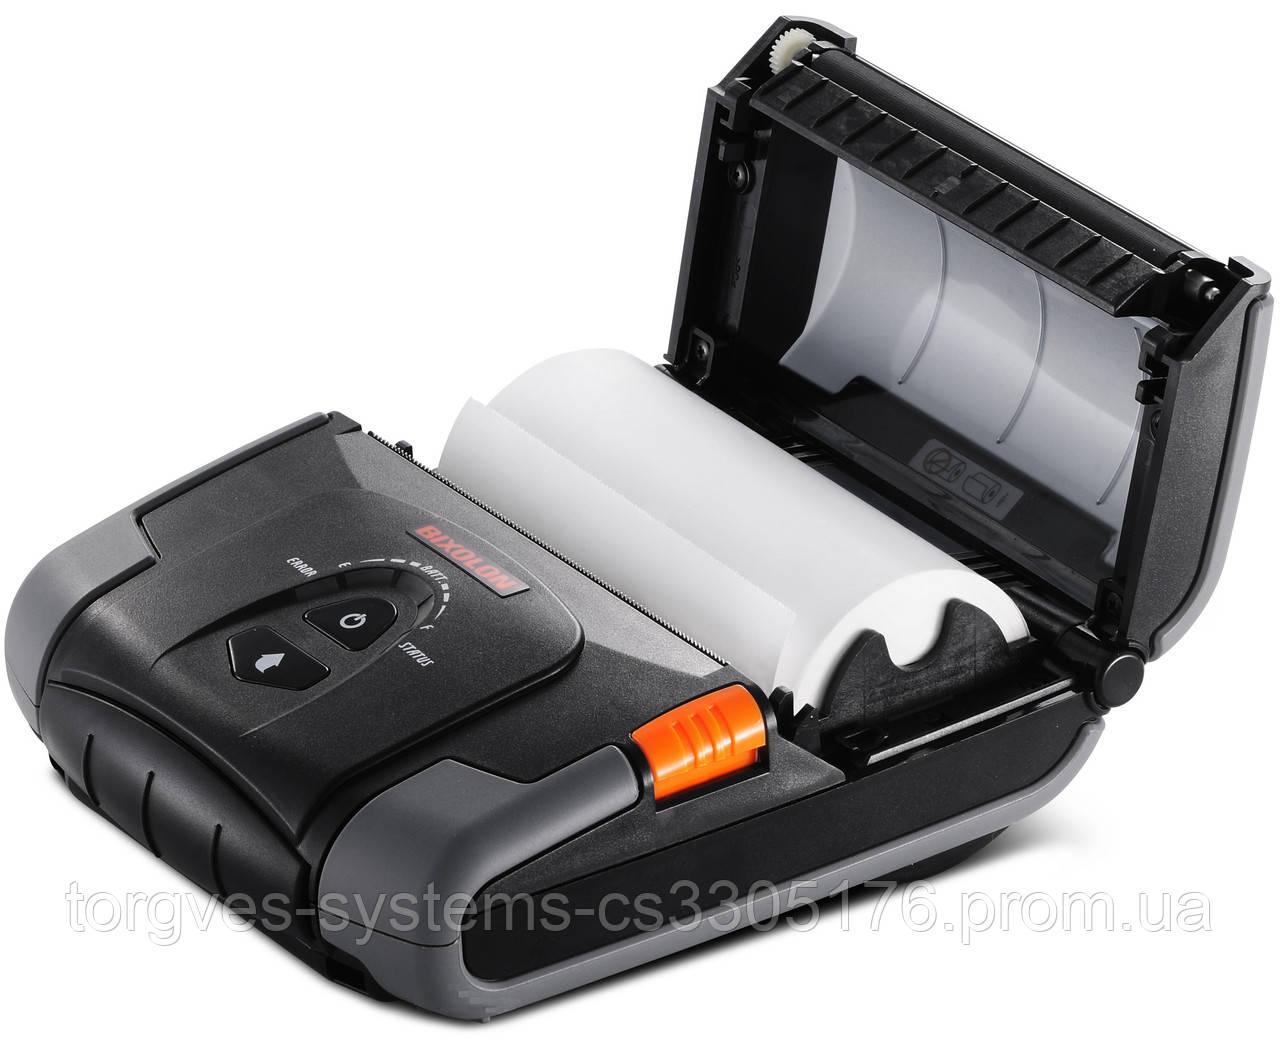 Мобильный принтер чеков-этикеток Bixolon SPP-R400WK (Wi-Fi+USB)